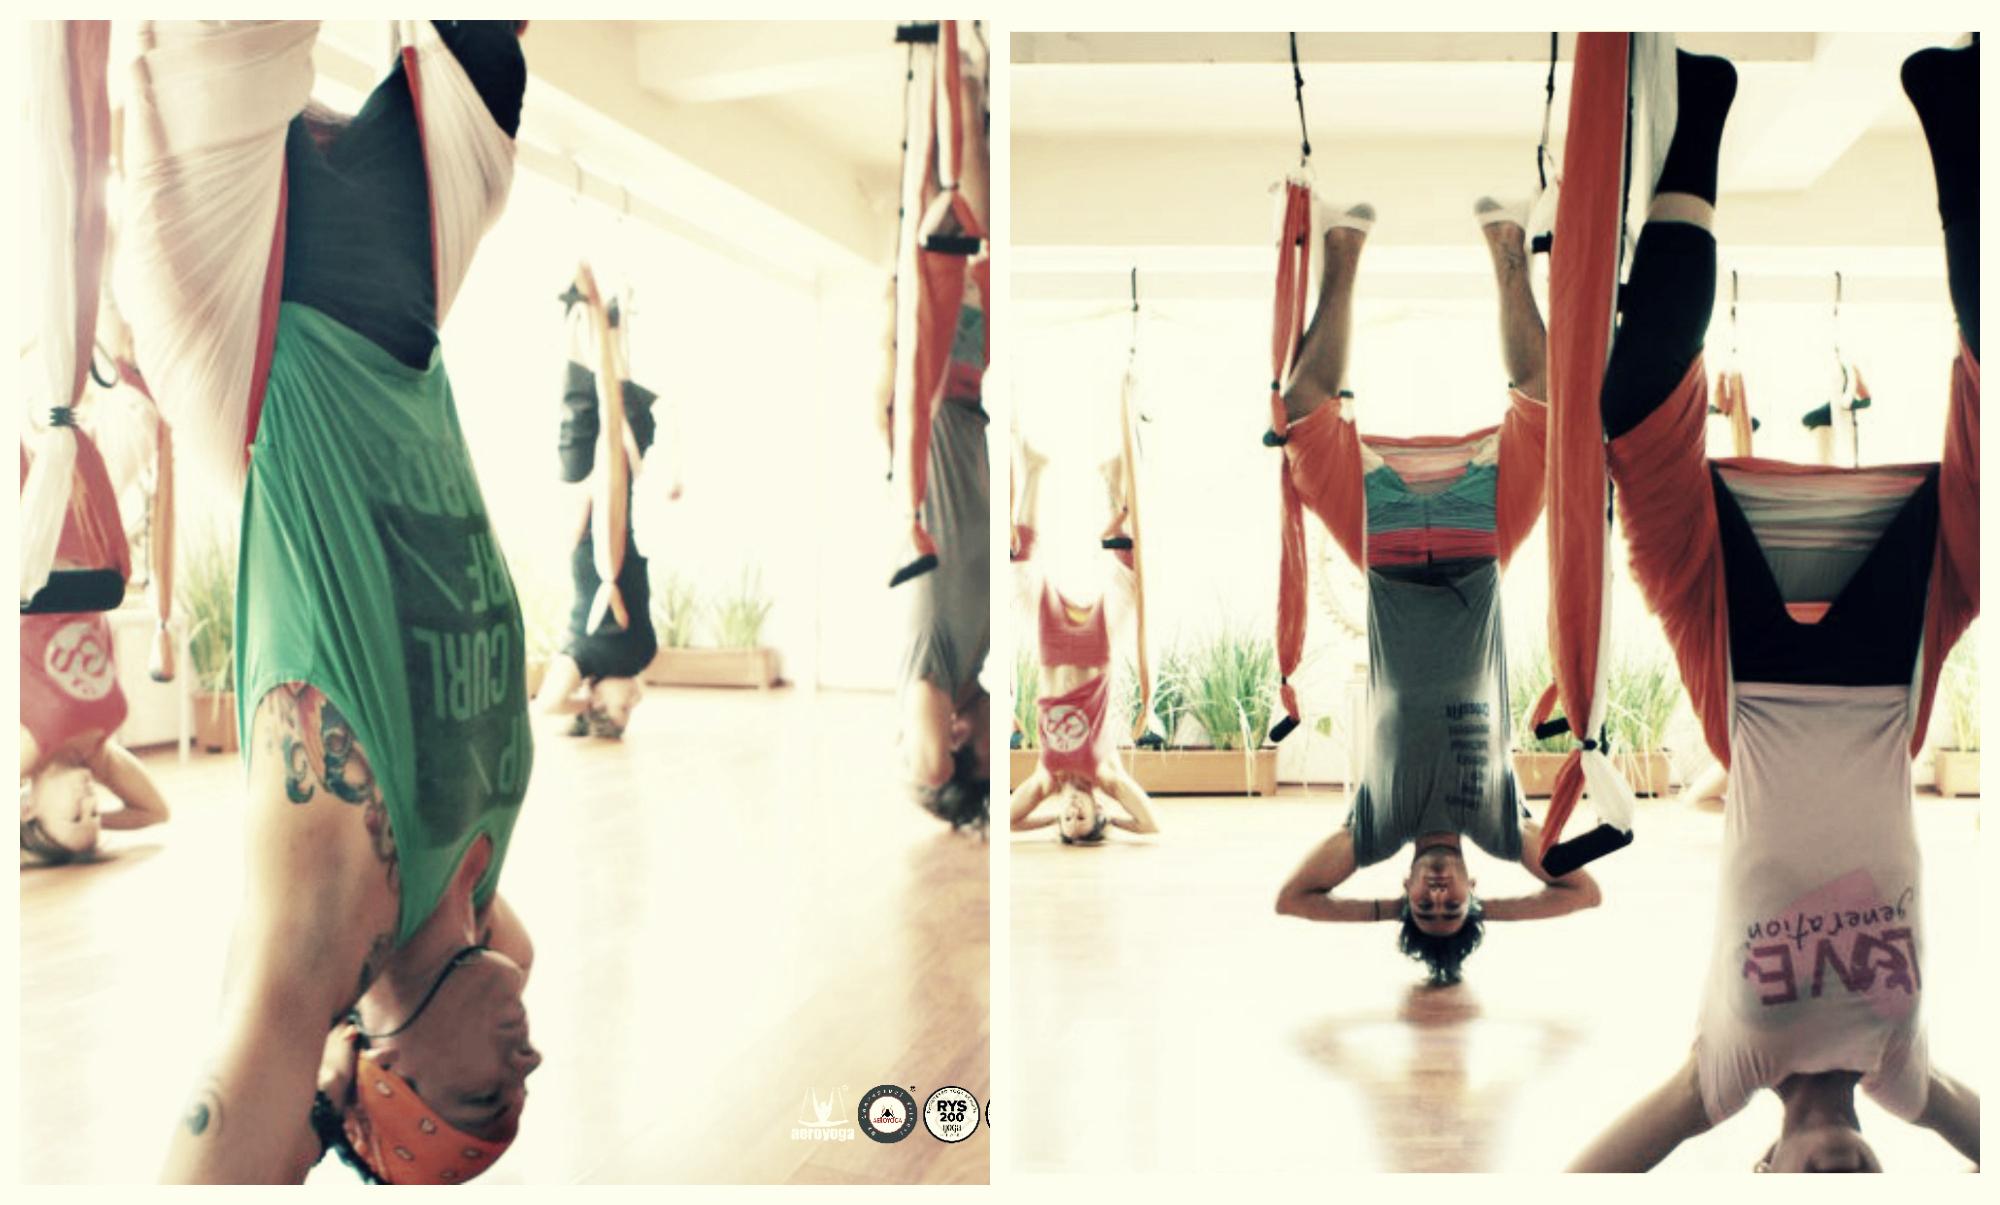 Formación Yoga Aéreo México CDMX, Nueva Formación, También Disponible Online